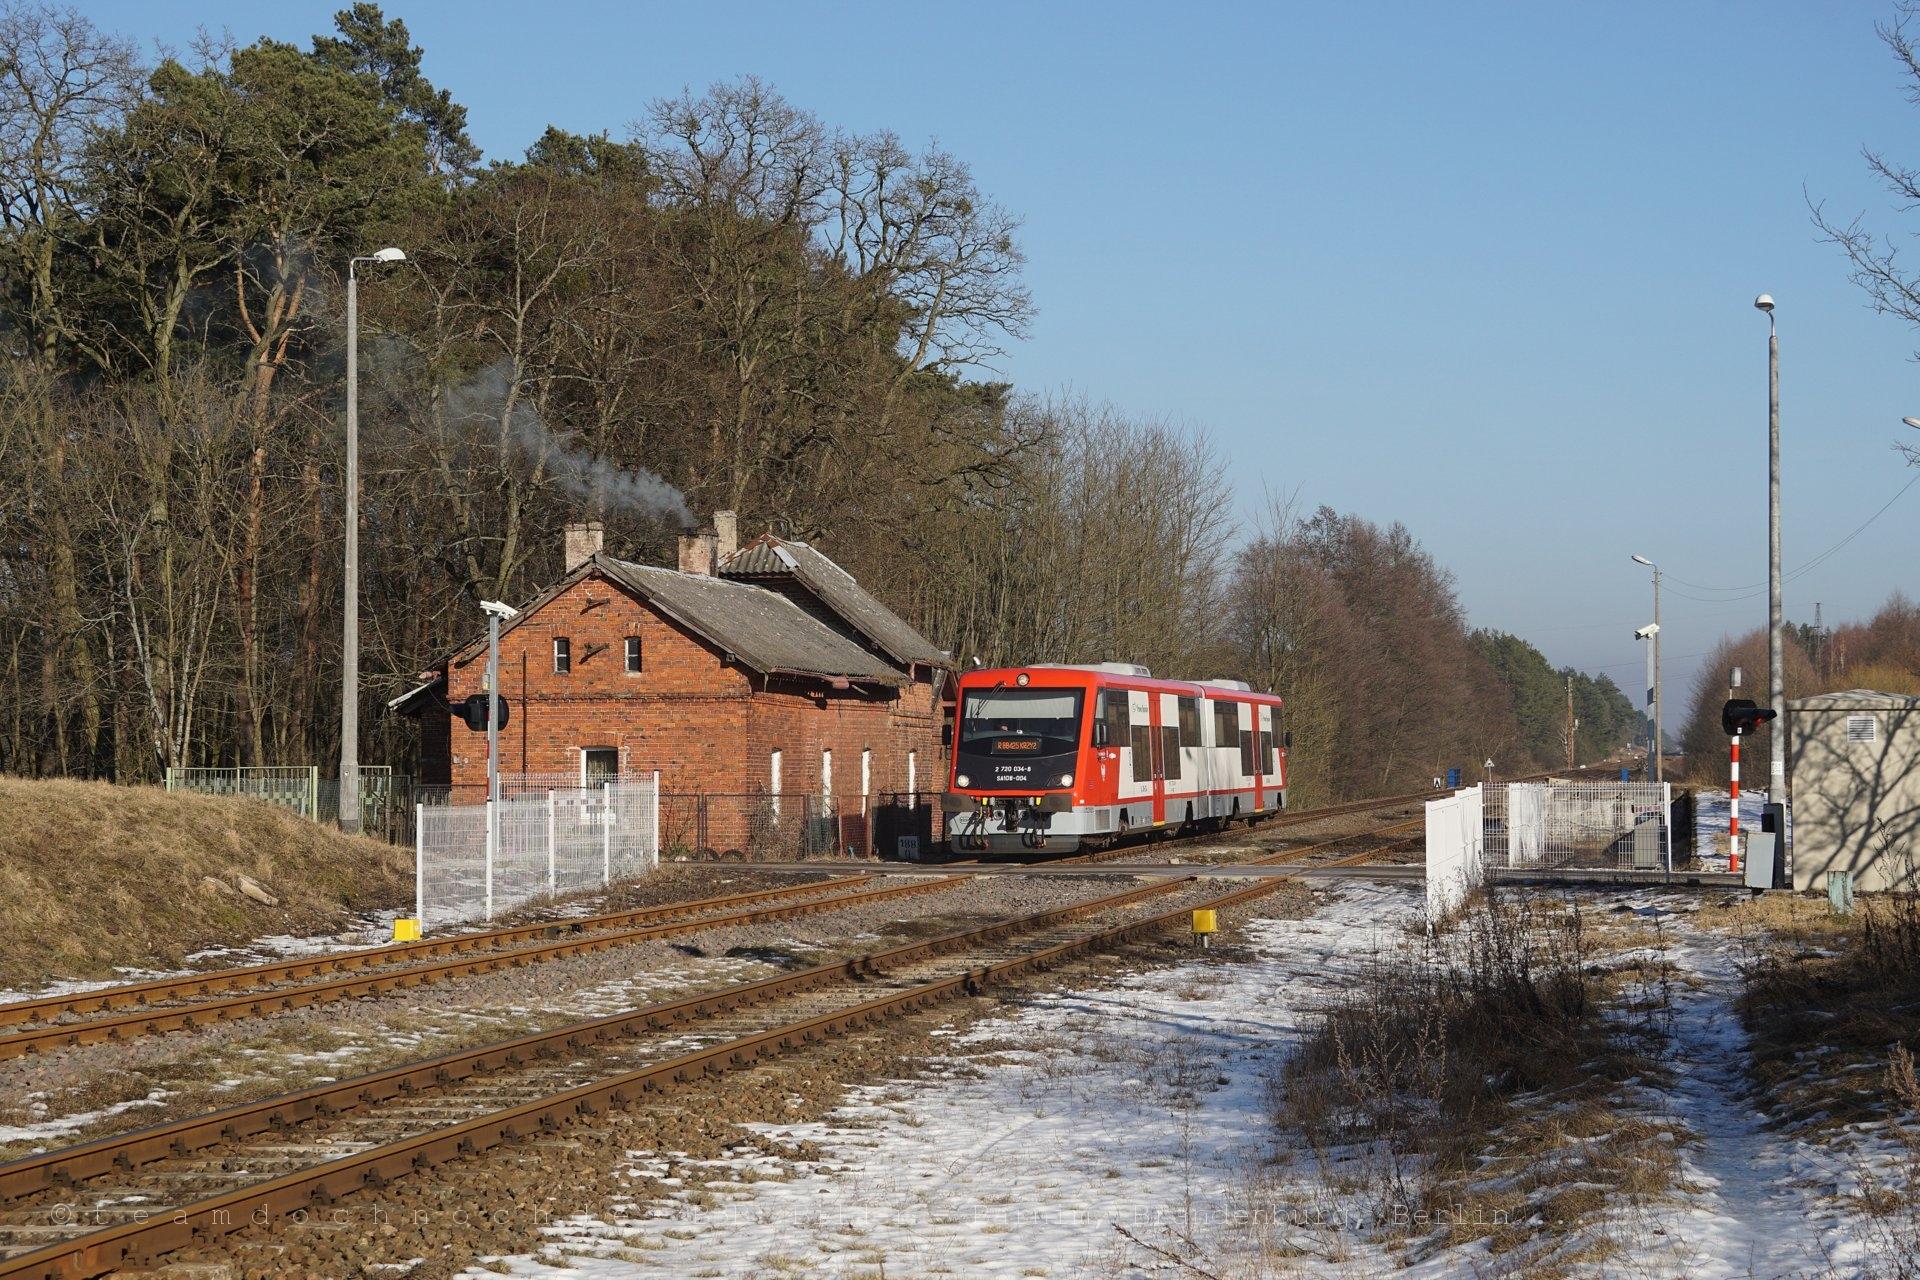 SA108-004 bei Einfahrt in den Bahnhof von Stobno